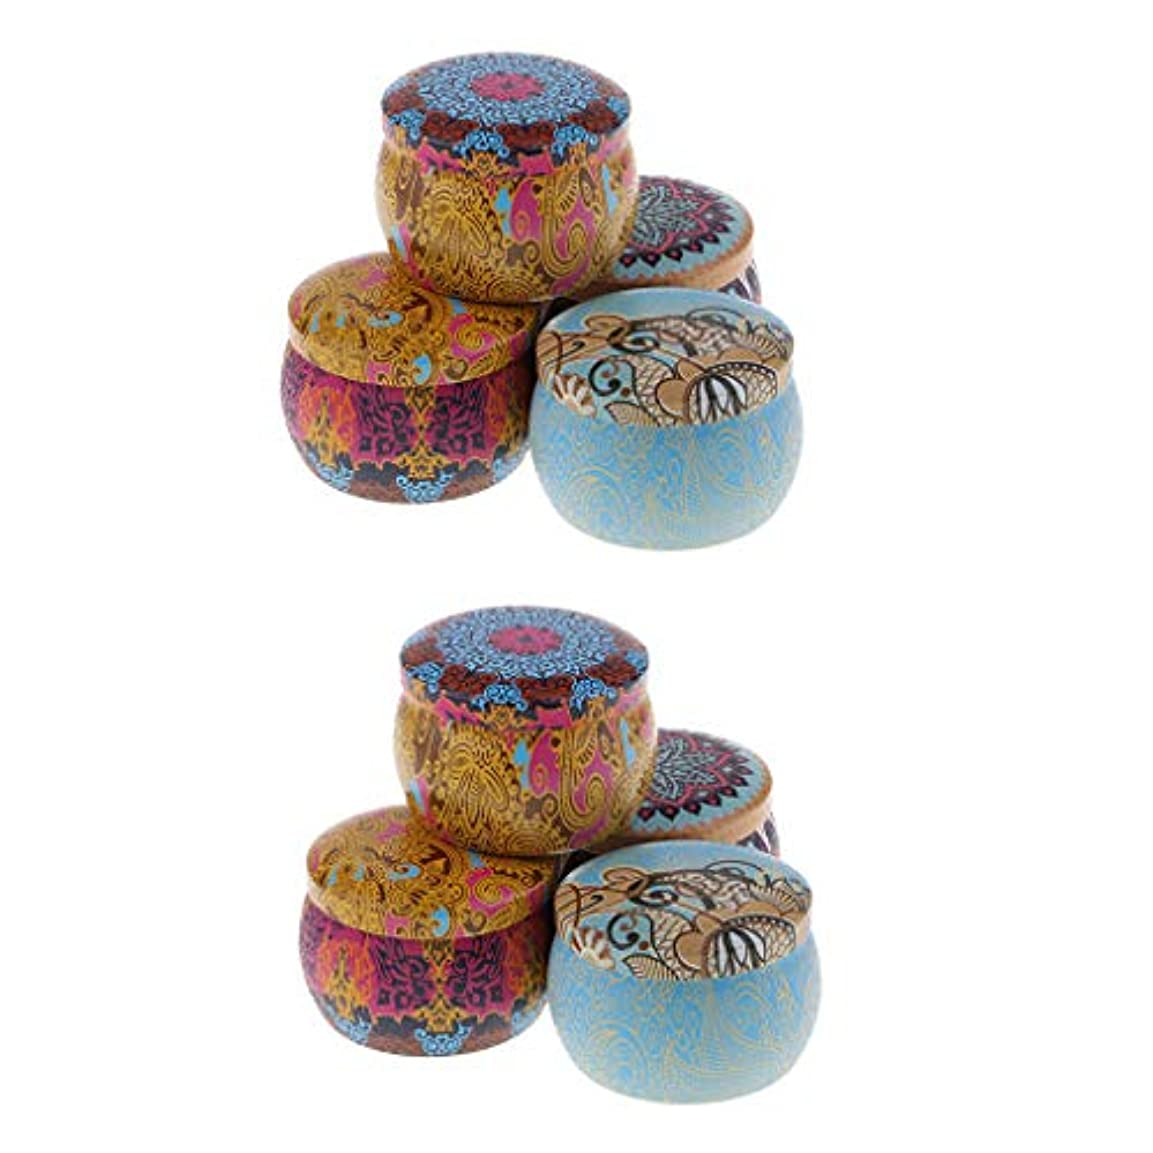 ボリュームグラマー料理アロマキャンドル 缶キャンドル 香りキャンドル スポータブル ナショナルスタイル 8個入り